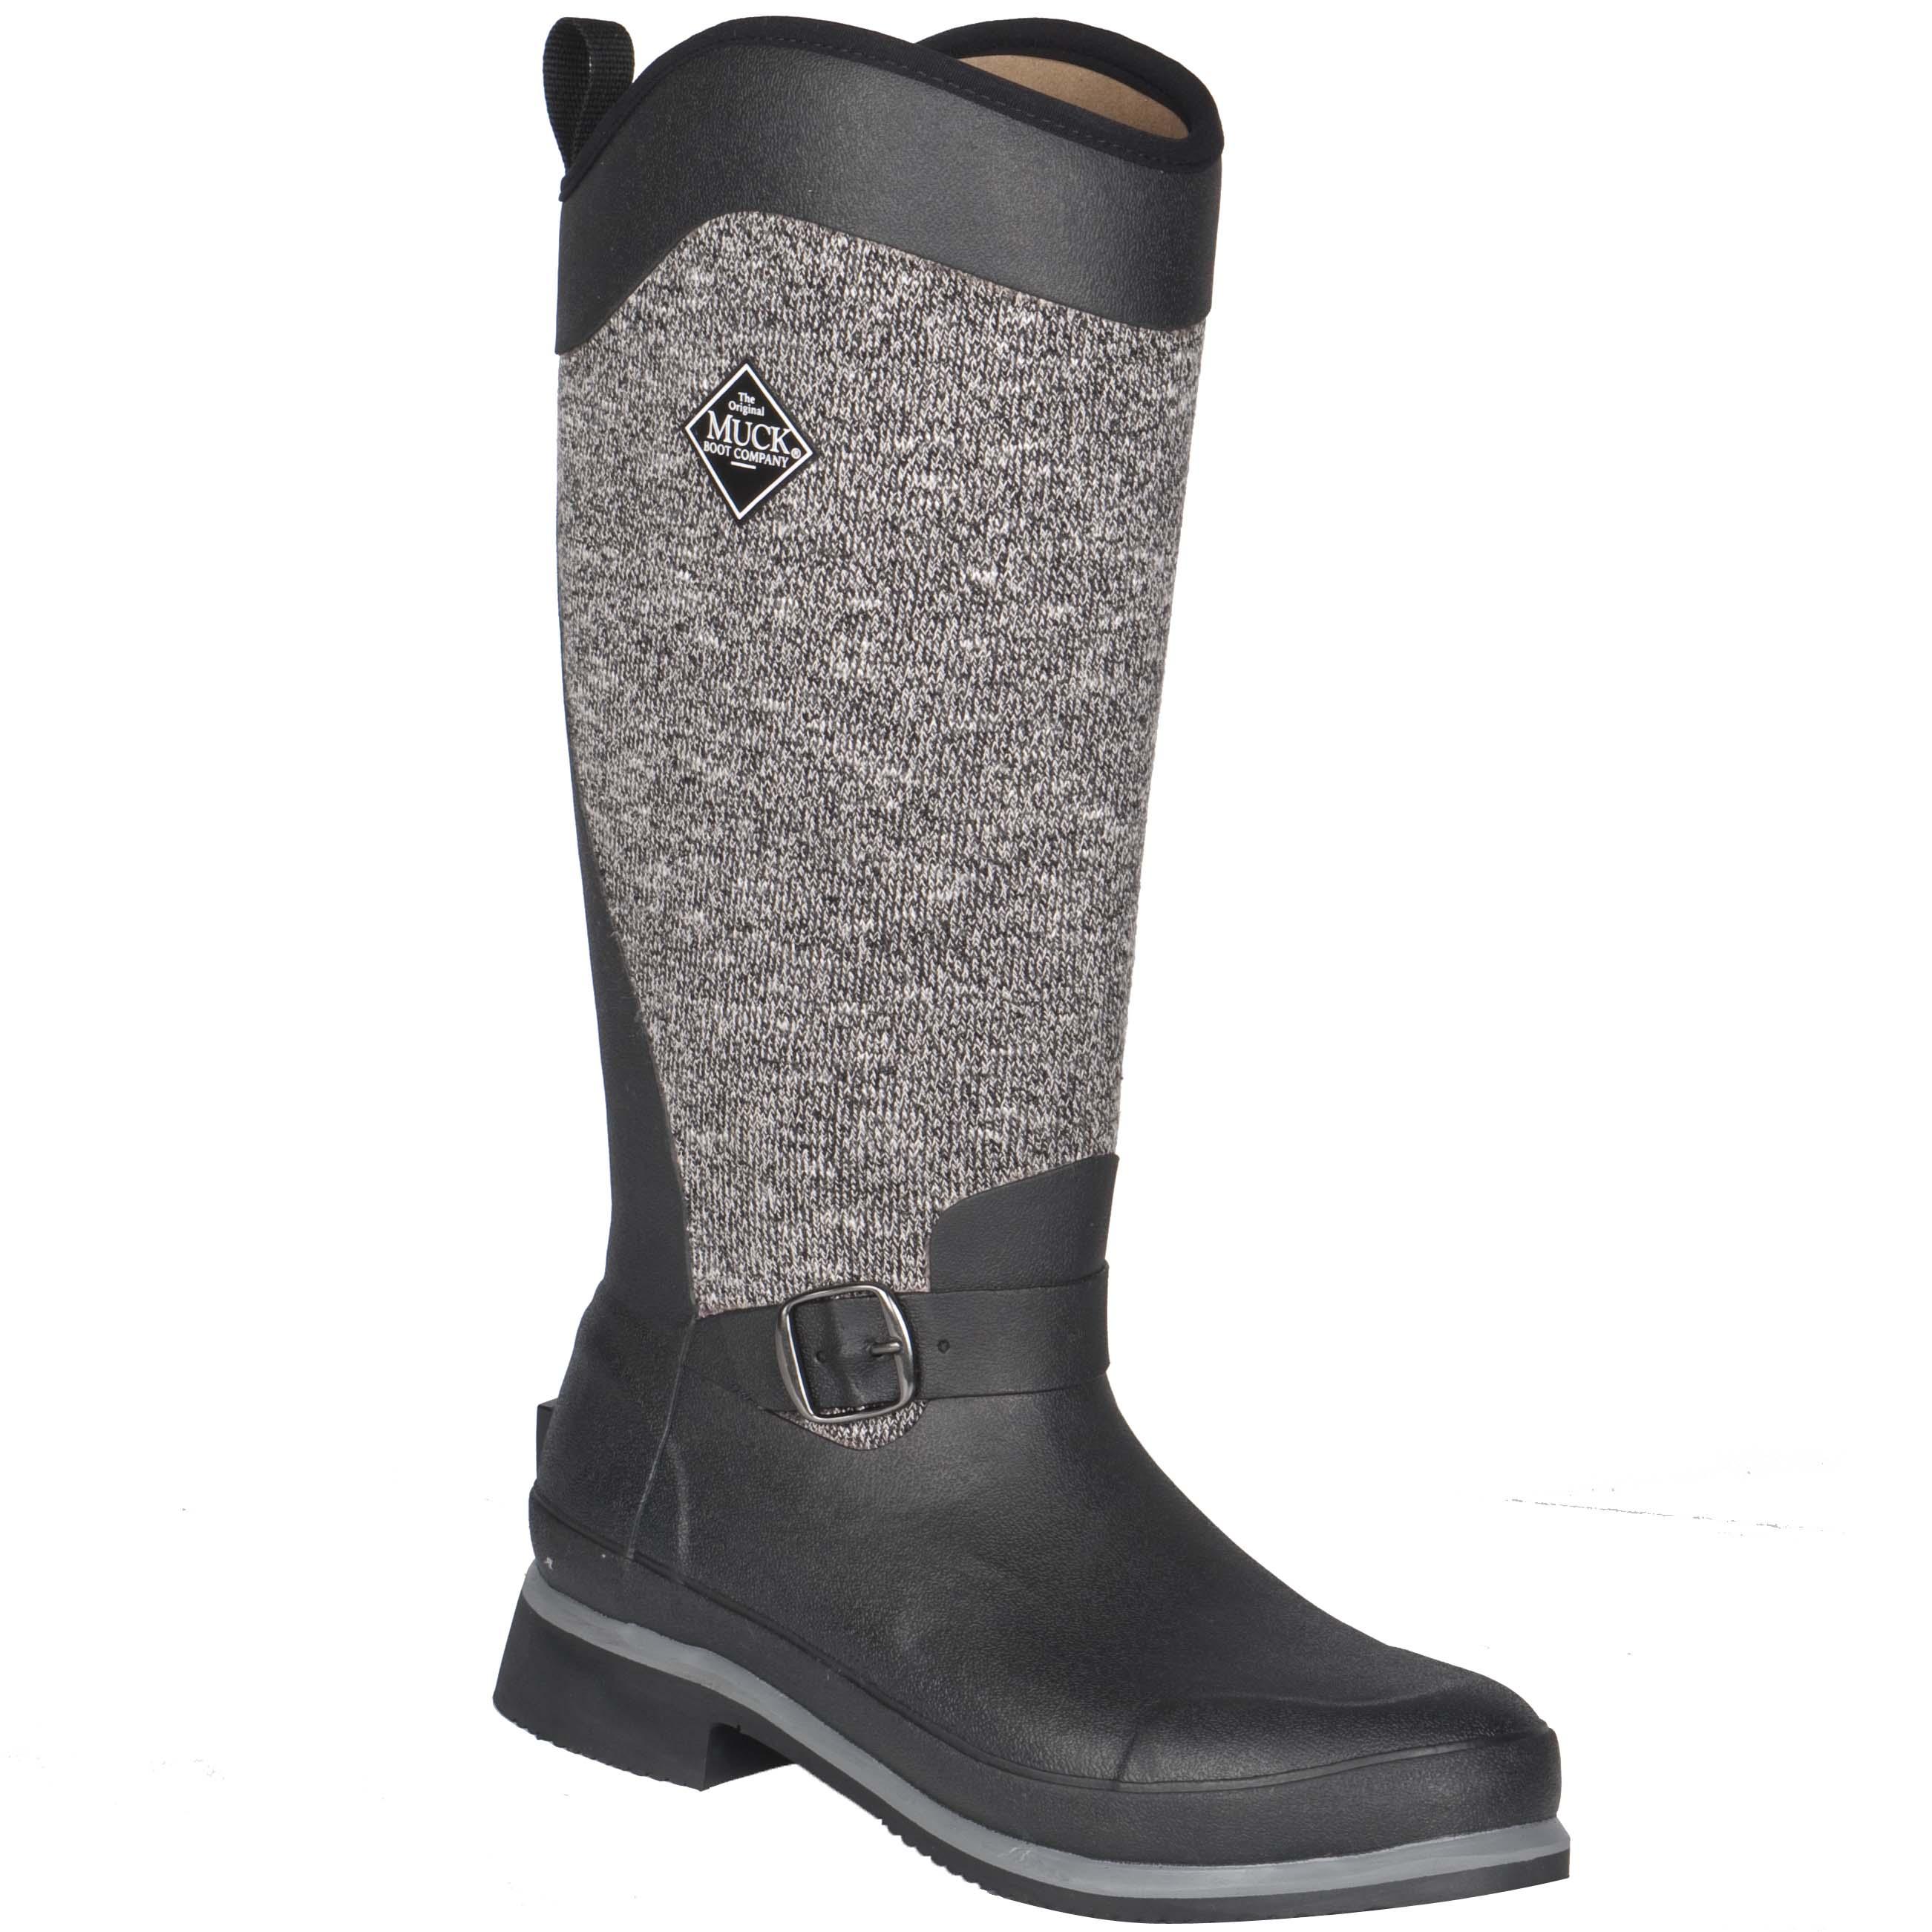 Muck Boots Reign Supreme zwart maat:7